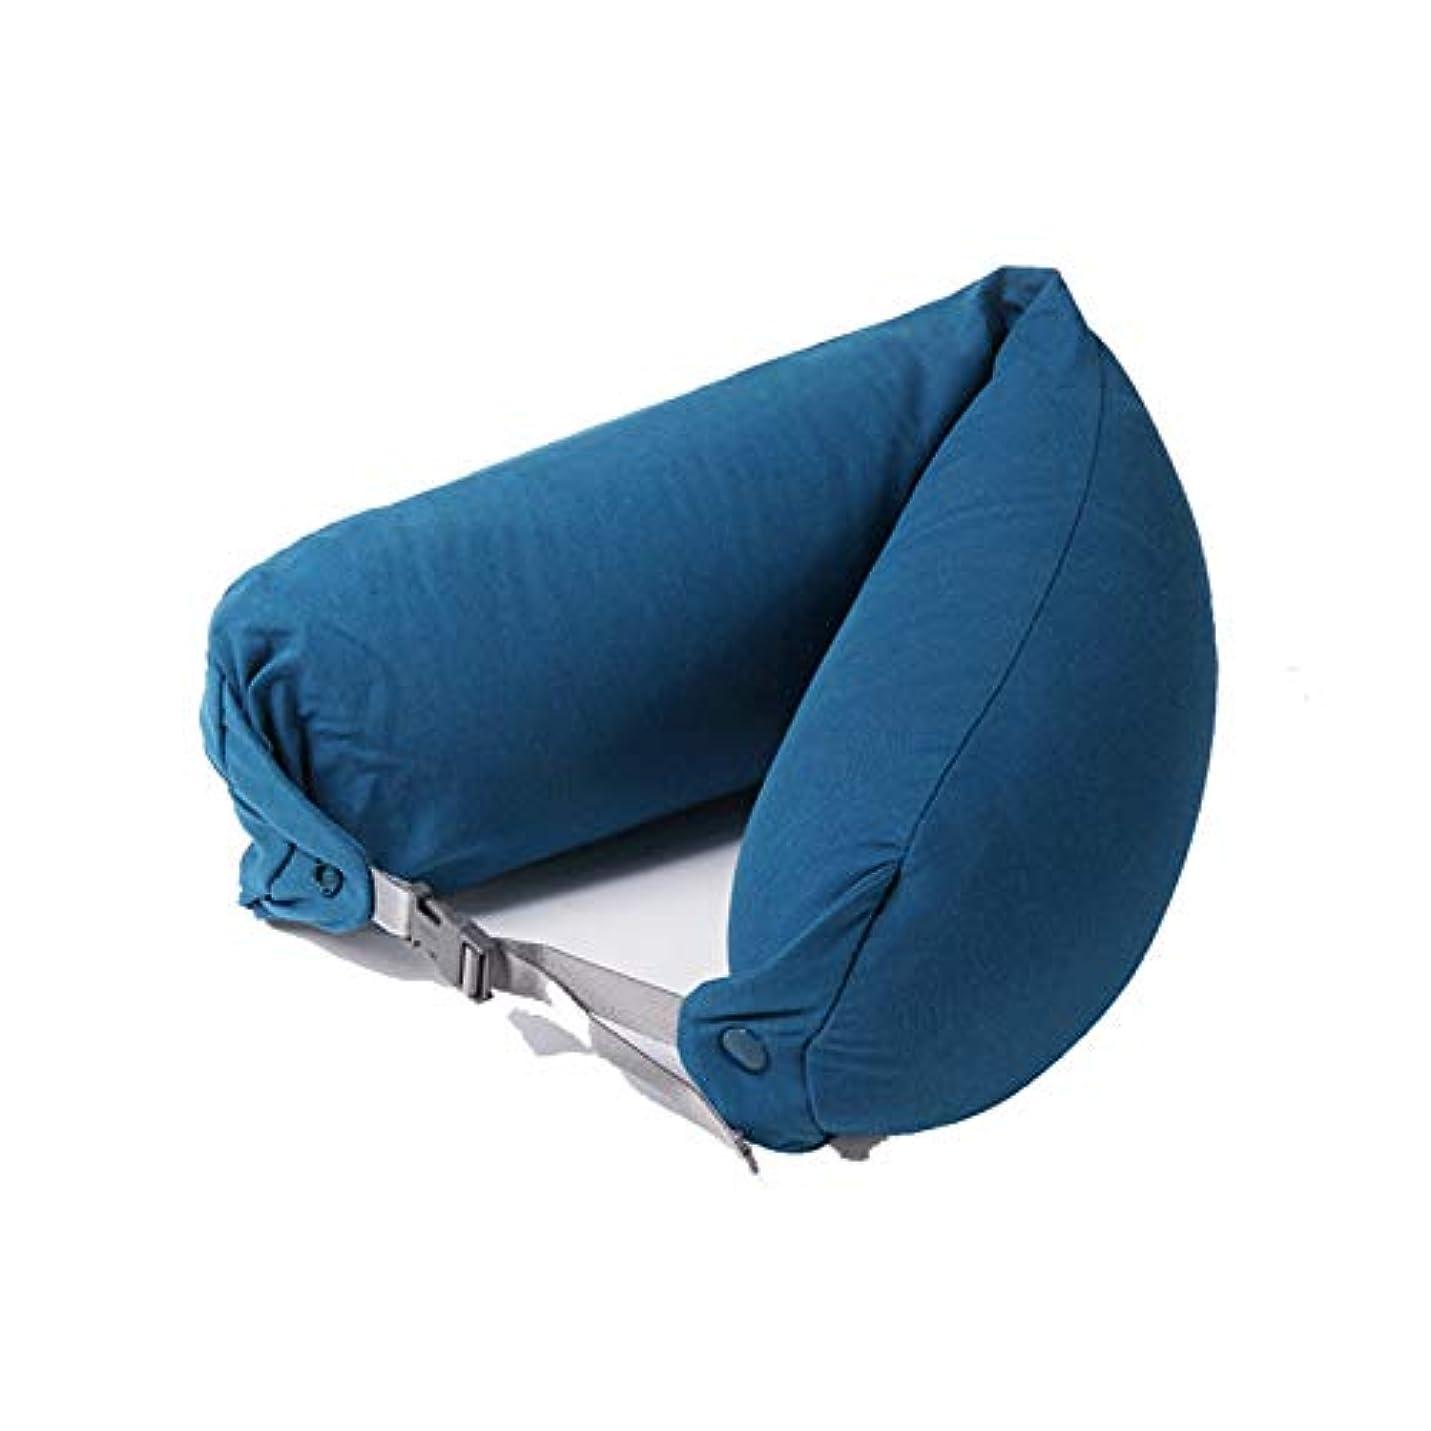 観察する技術的な遠近法SMART ホームオフィス背もたれ椅子腰椎クッションカーシートネック枕 3D 低反発サポートバックマッサージウエストレスリビング枕 クッション 椅子